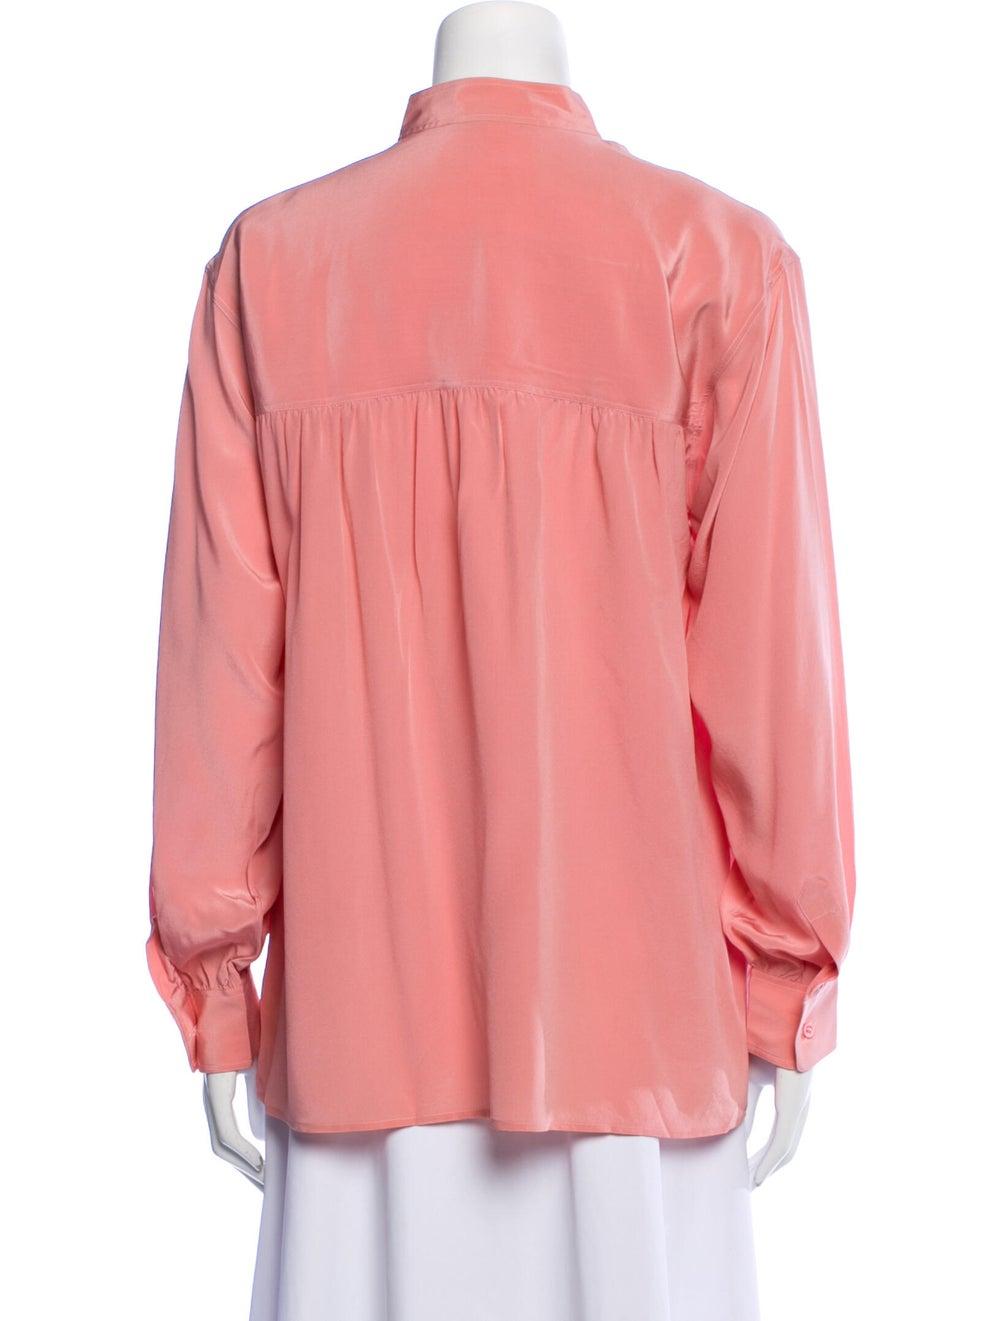 Yves Saint Laurent Rive Gauche Vintage Silk Blous… - image 3